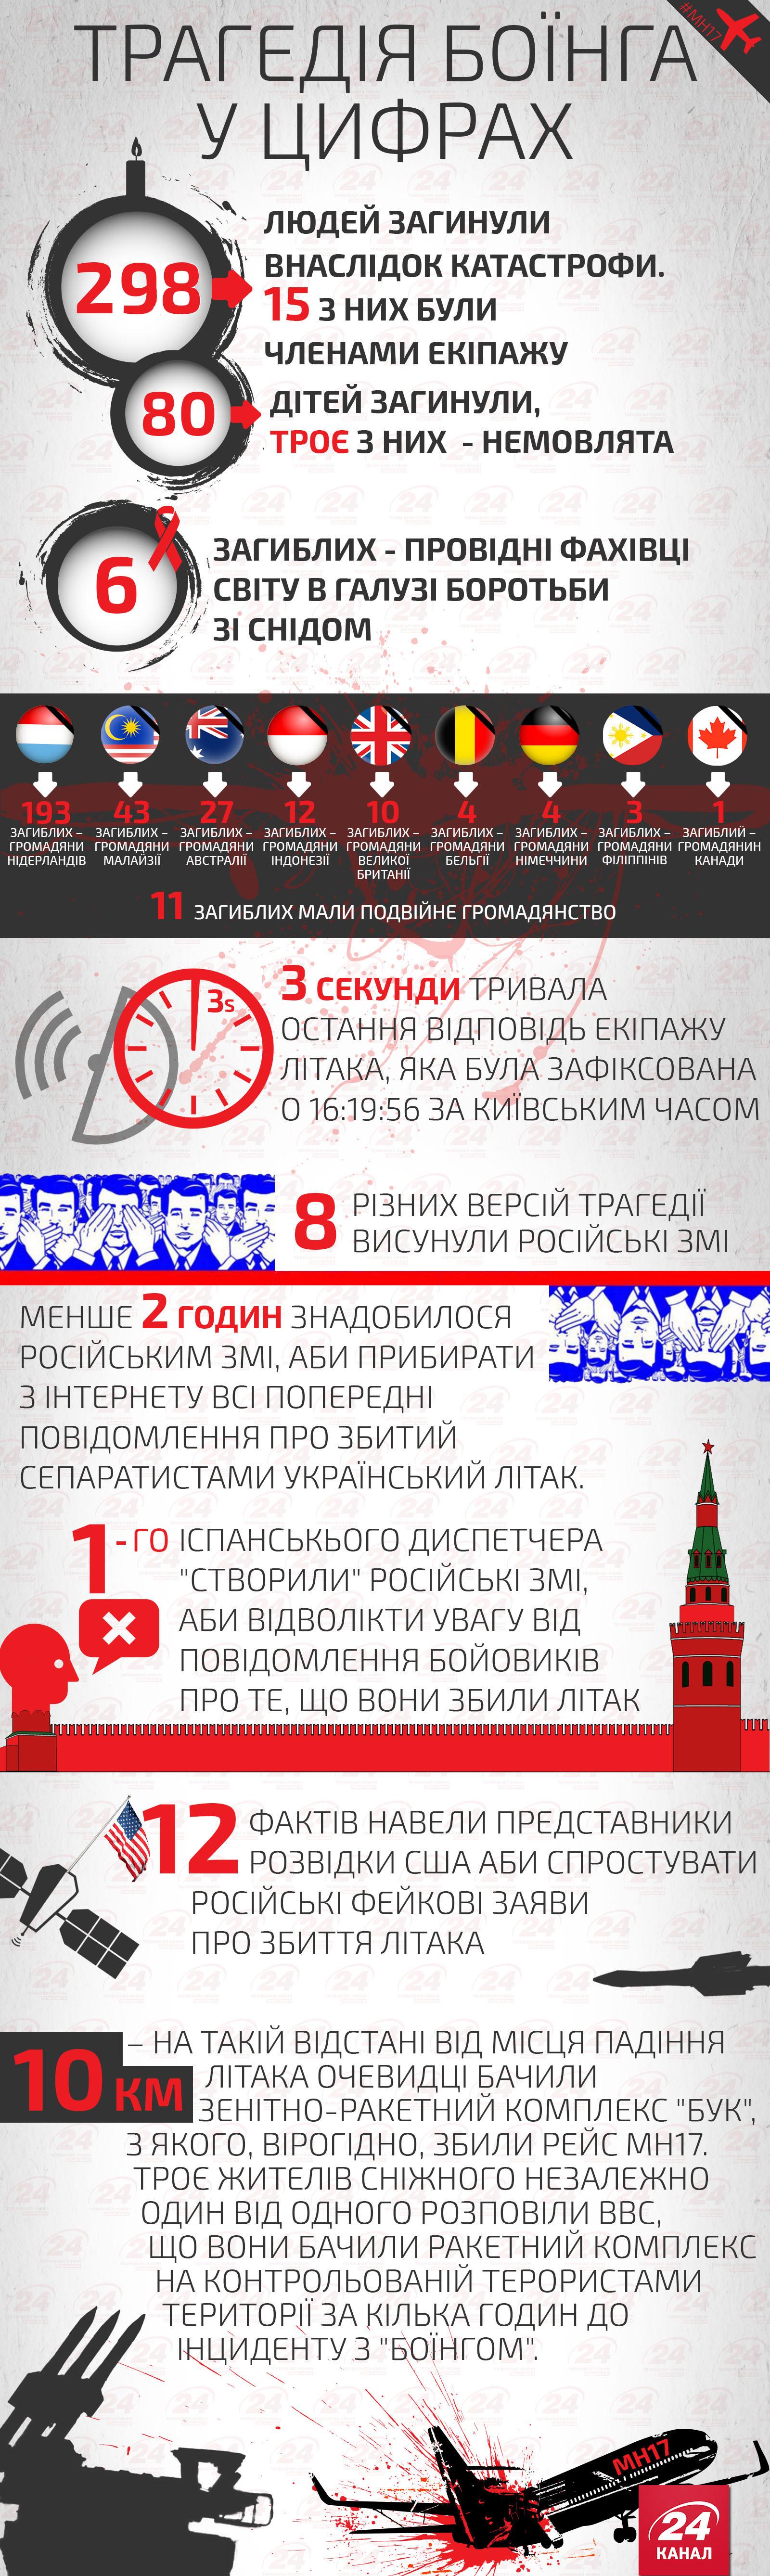 Коротко про трагедію МН17 / Інфографіка 24 каналу